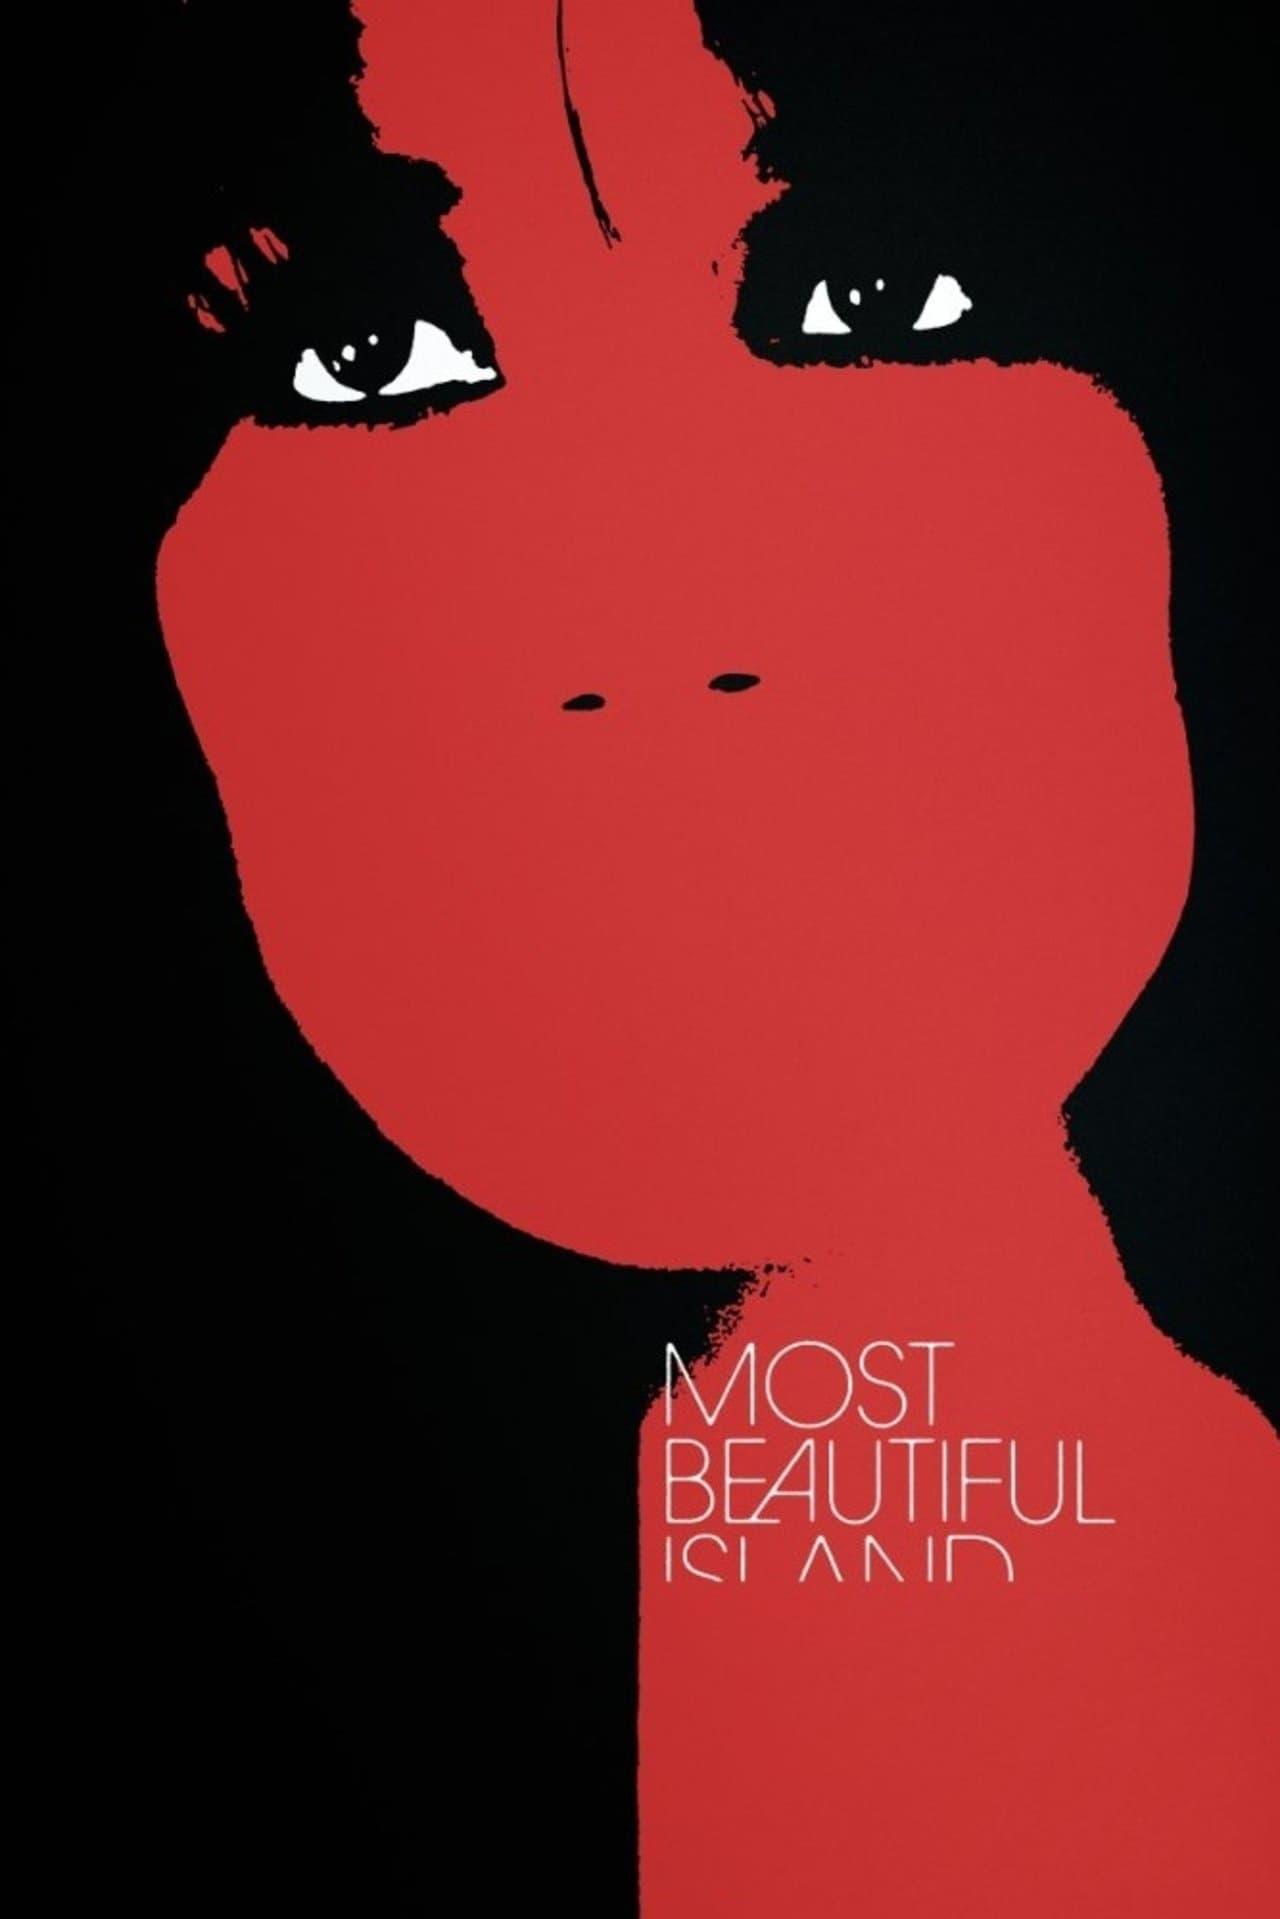 Most Beautiful Island ()